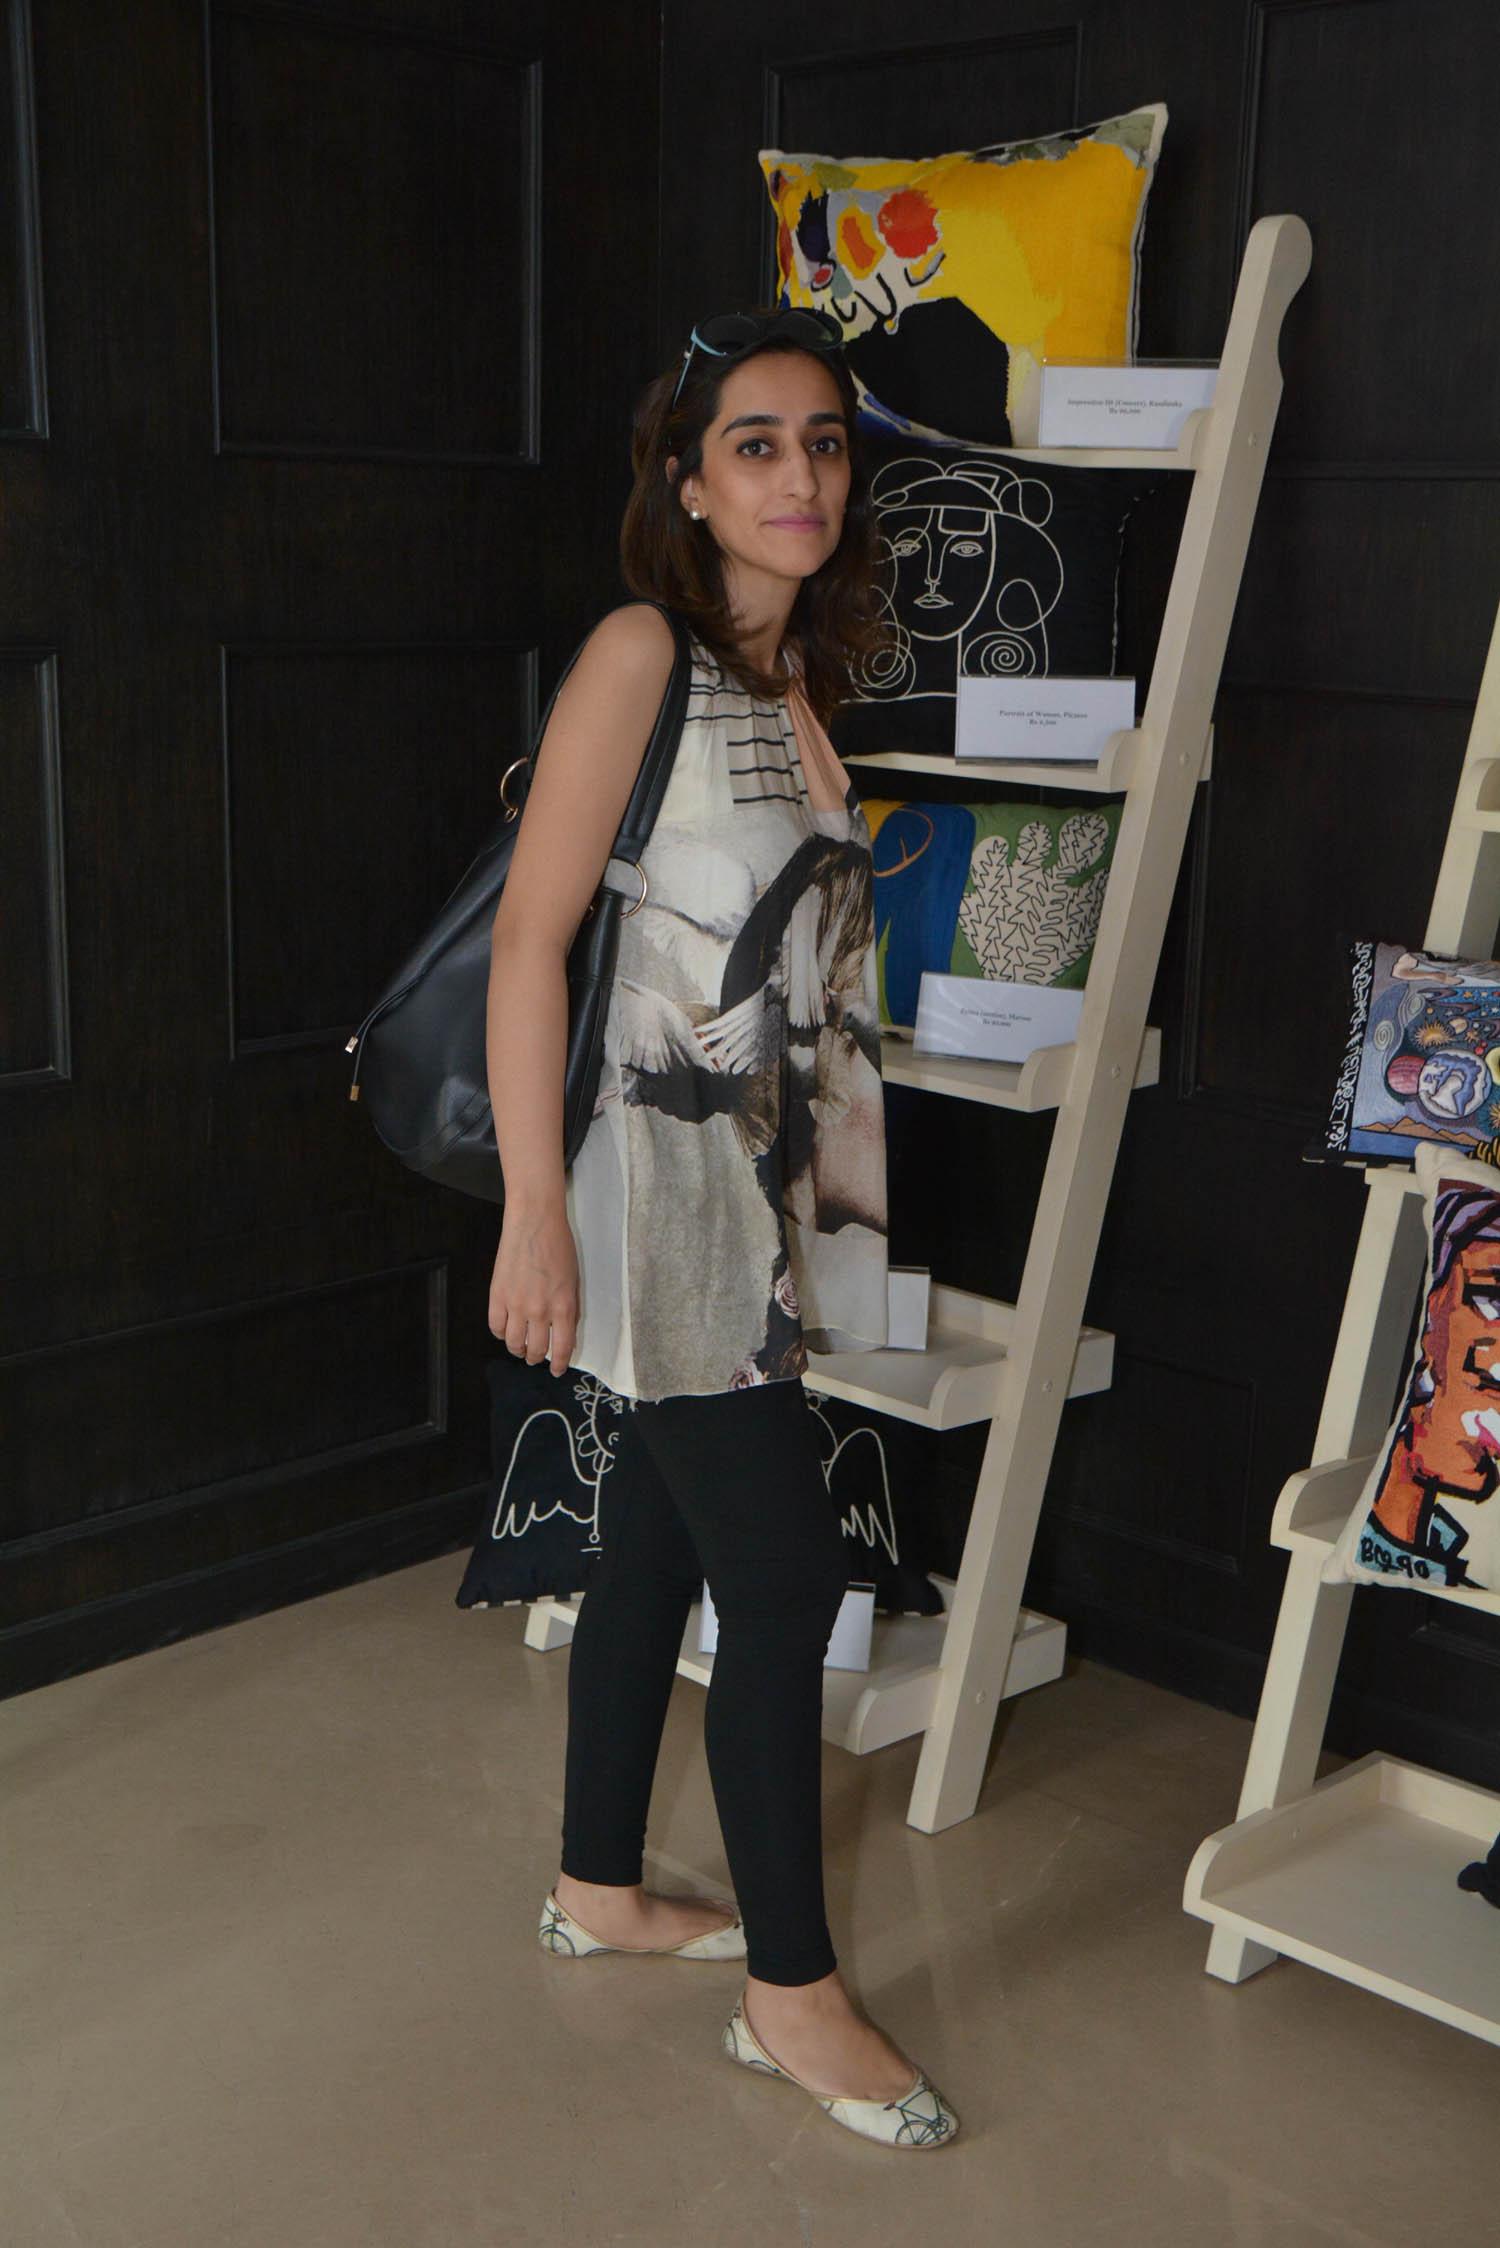 Amna Faizan